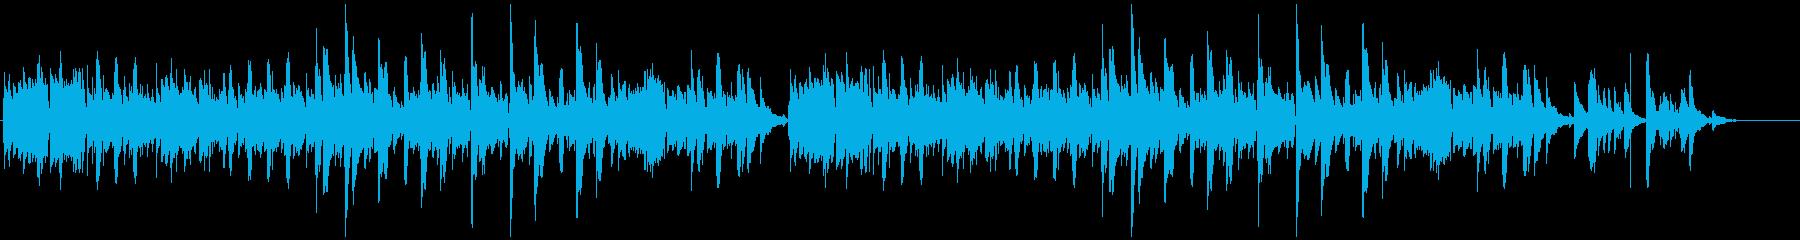 心地良いリズムのリラックスミュージックの再生済みの波形